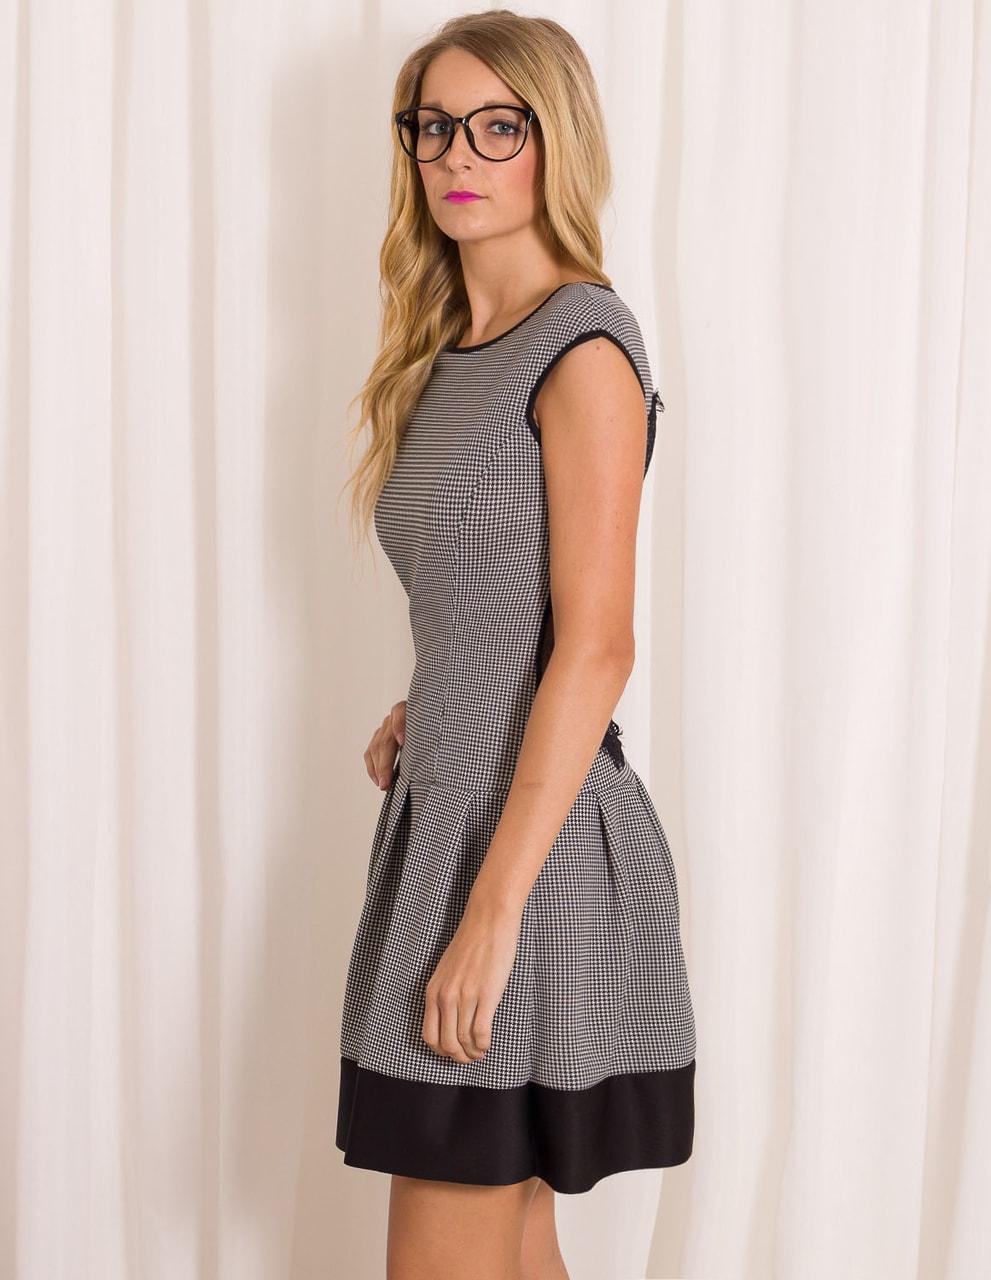 Glamadise.sk - Dámske elegantné šaty s jemným vzorom čierno - biela ... 1325e862dff